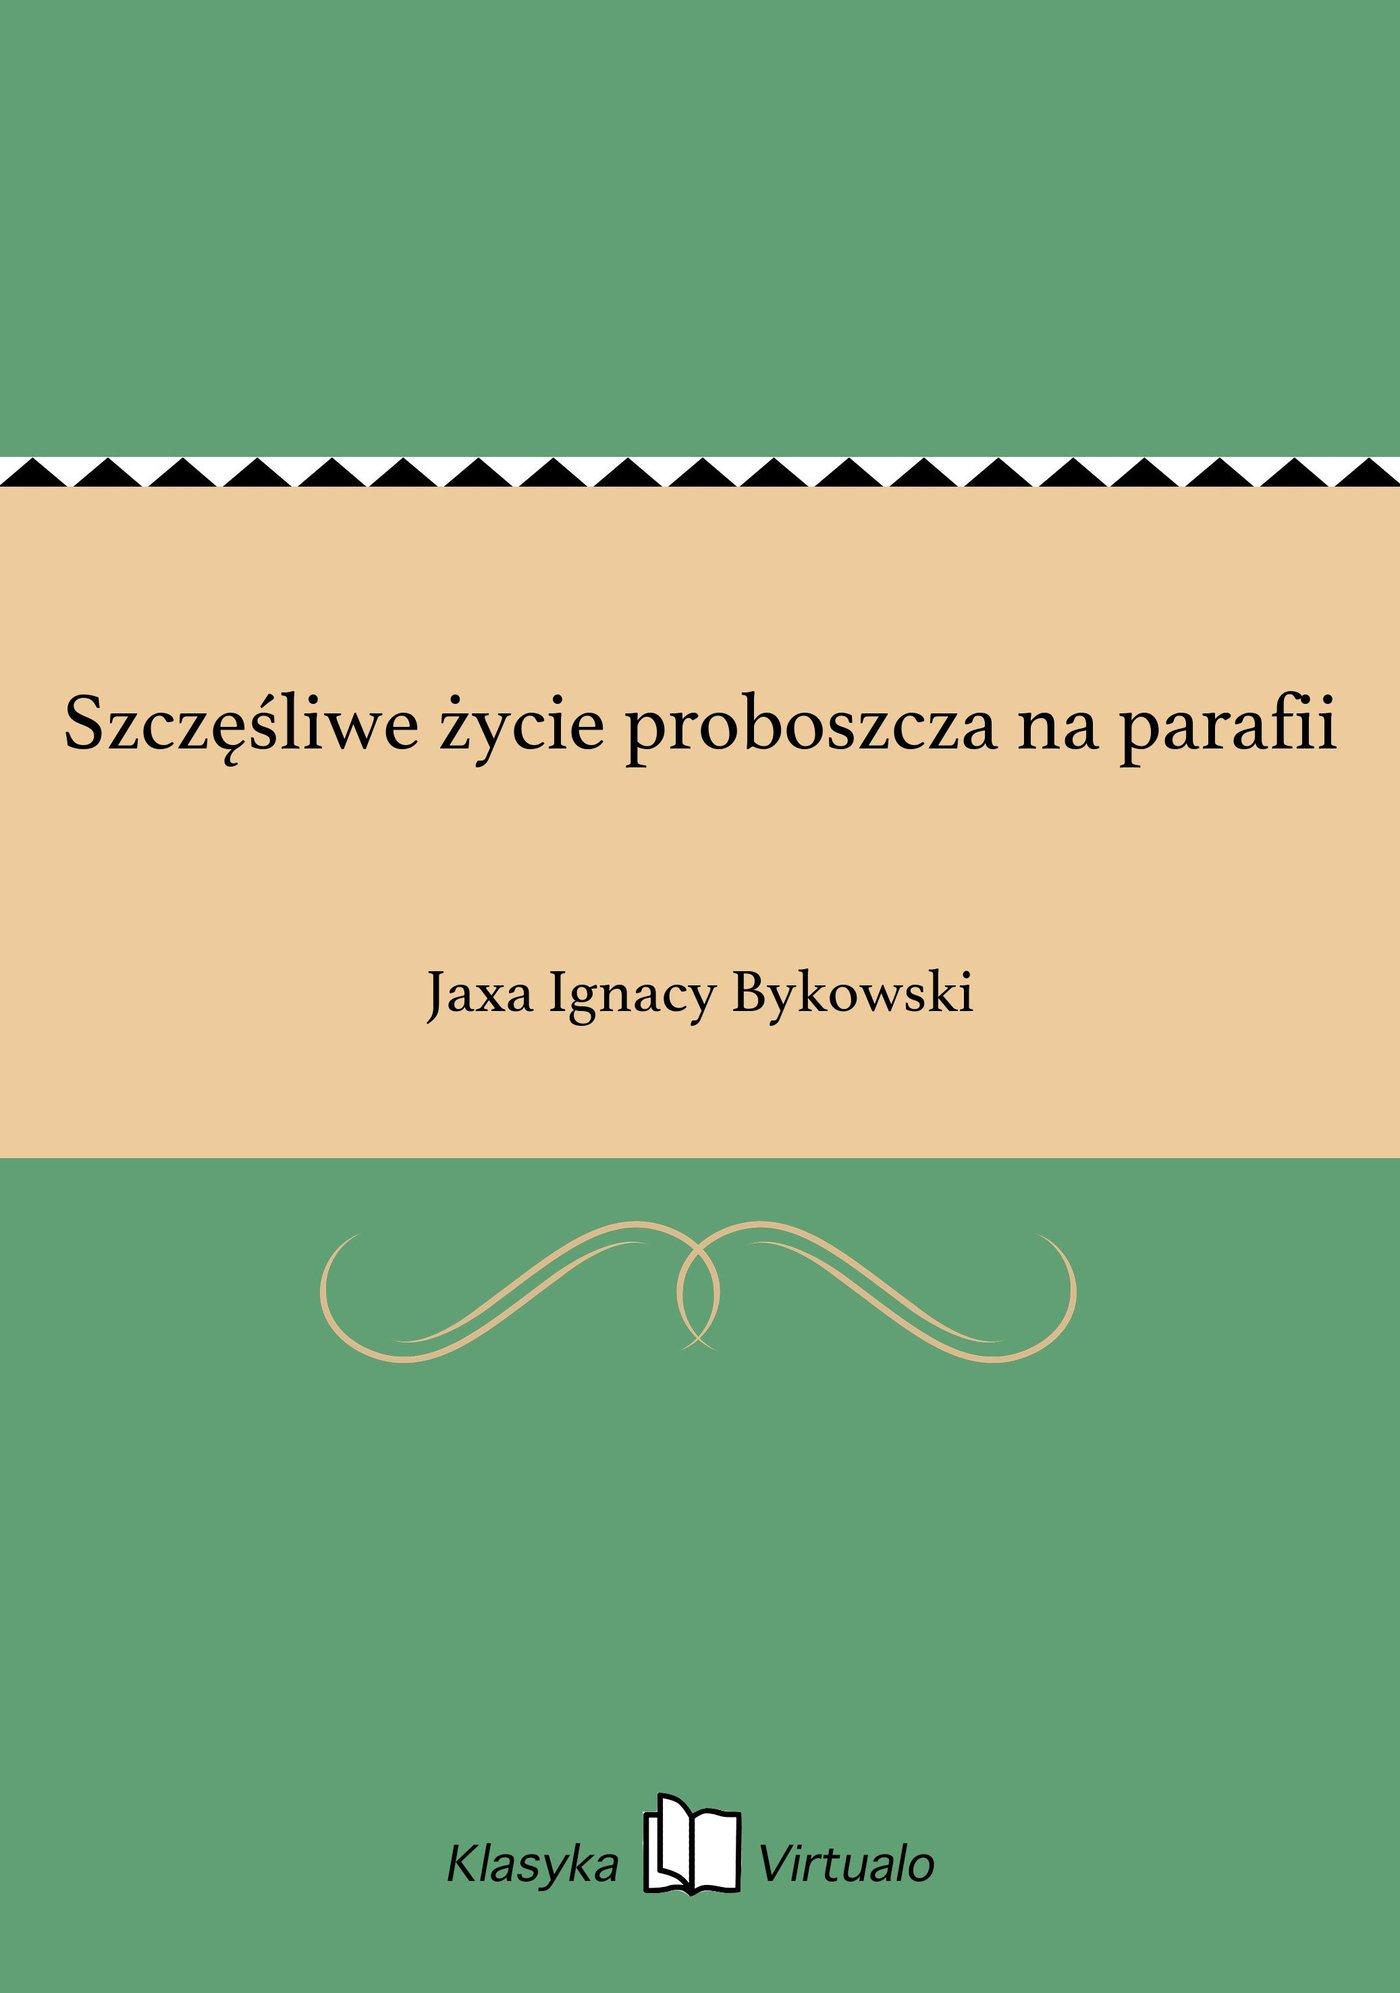 Szczęśliwe życie proboszcza na parafii - Ebook (Książka EPUB) do pobrania w formacie EPUB